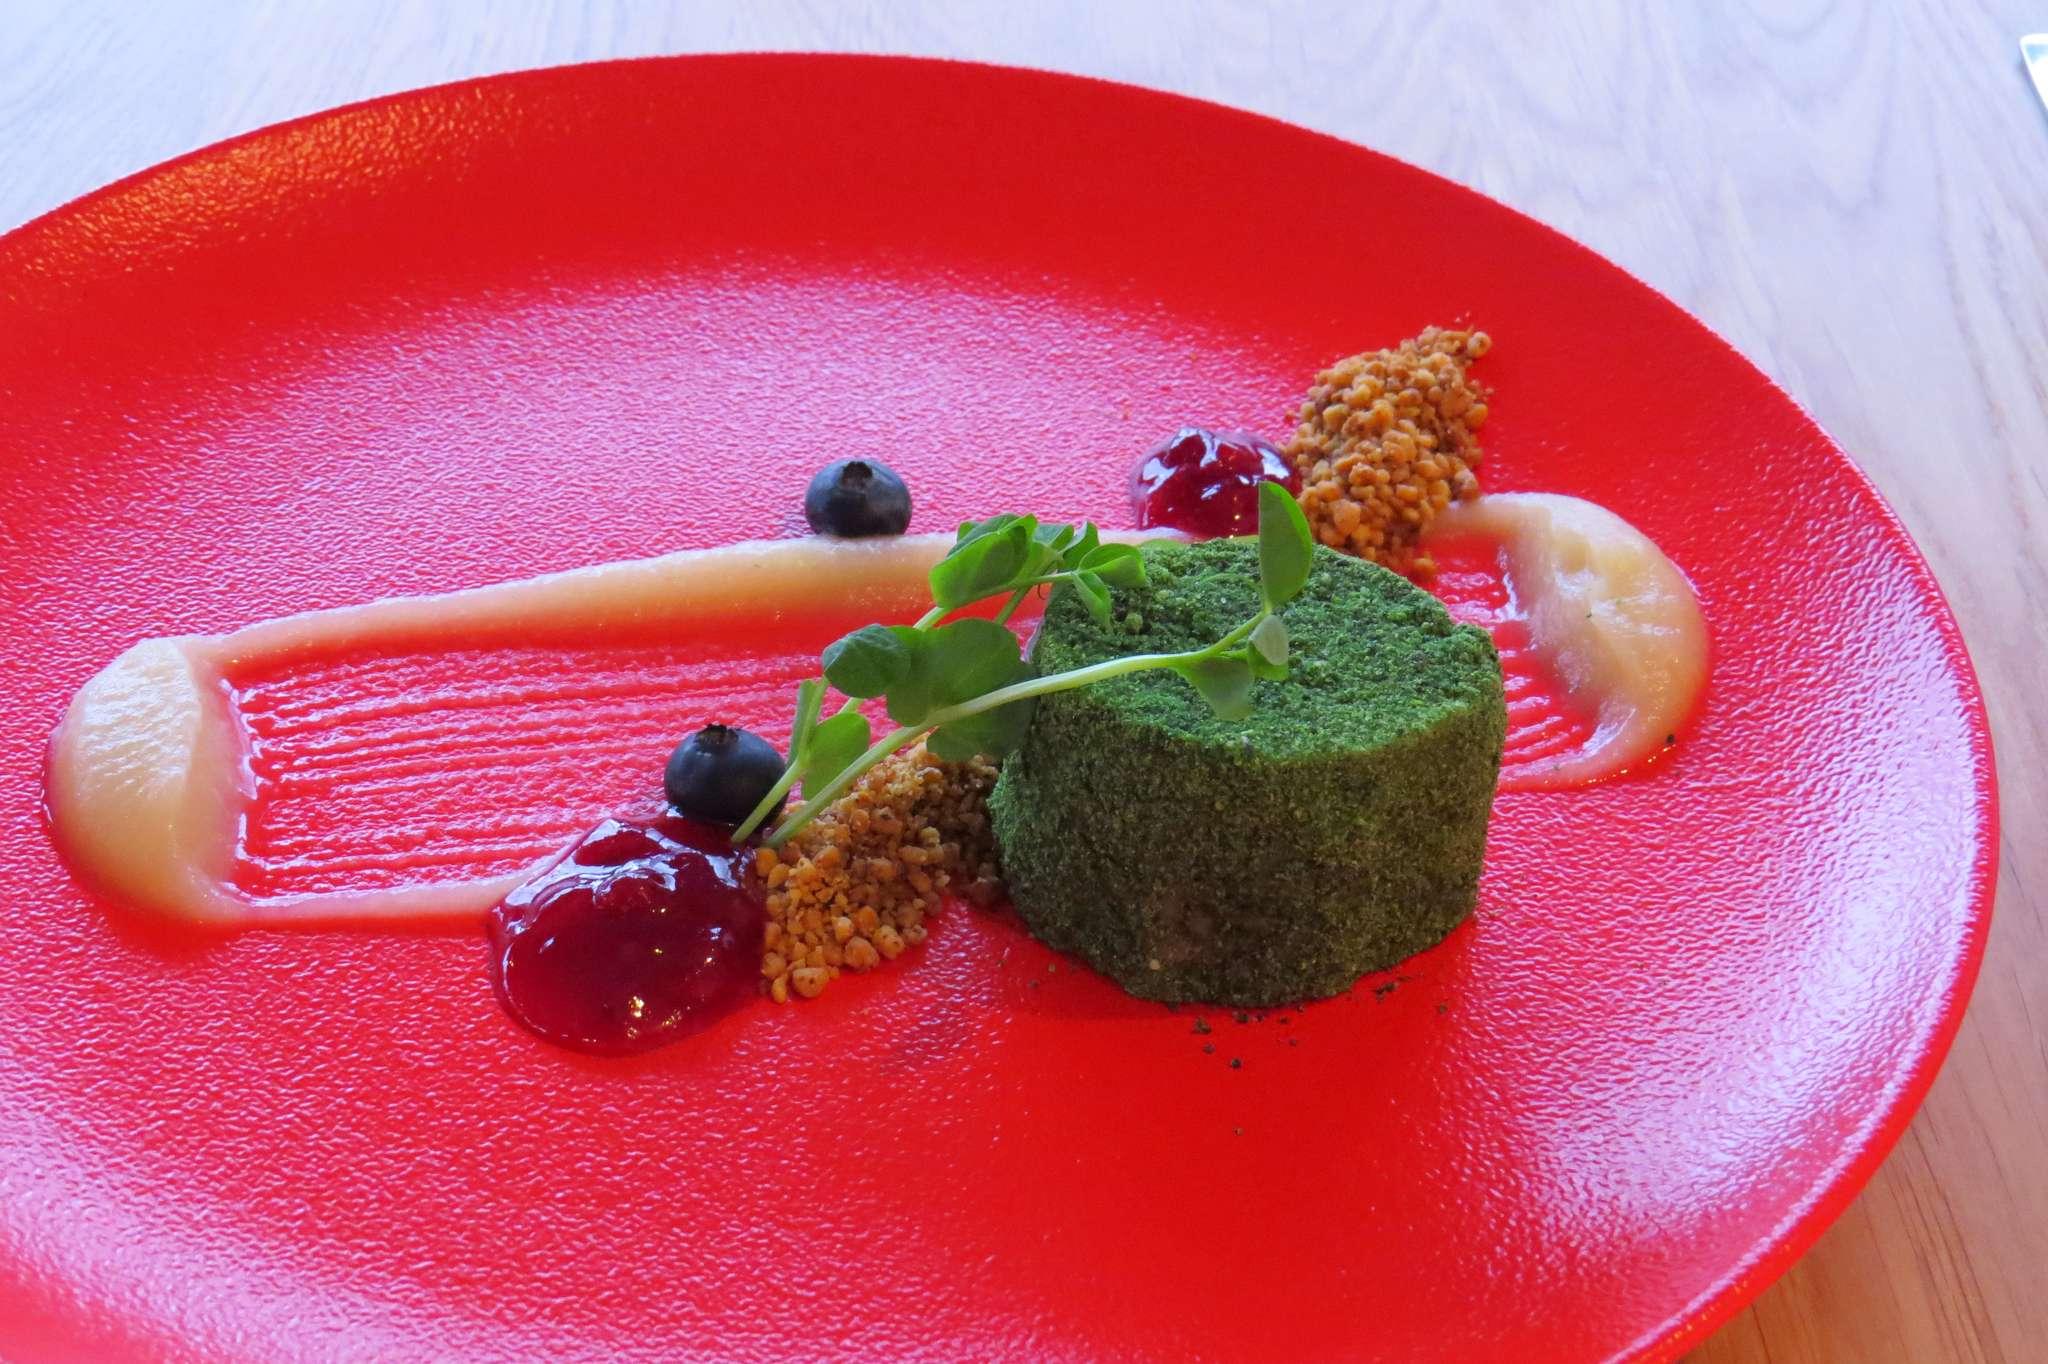 Wątróbka-panierka ziołowa-jabłko-orzechy-żurawina